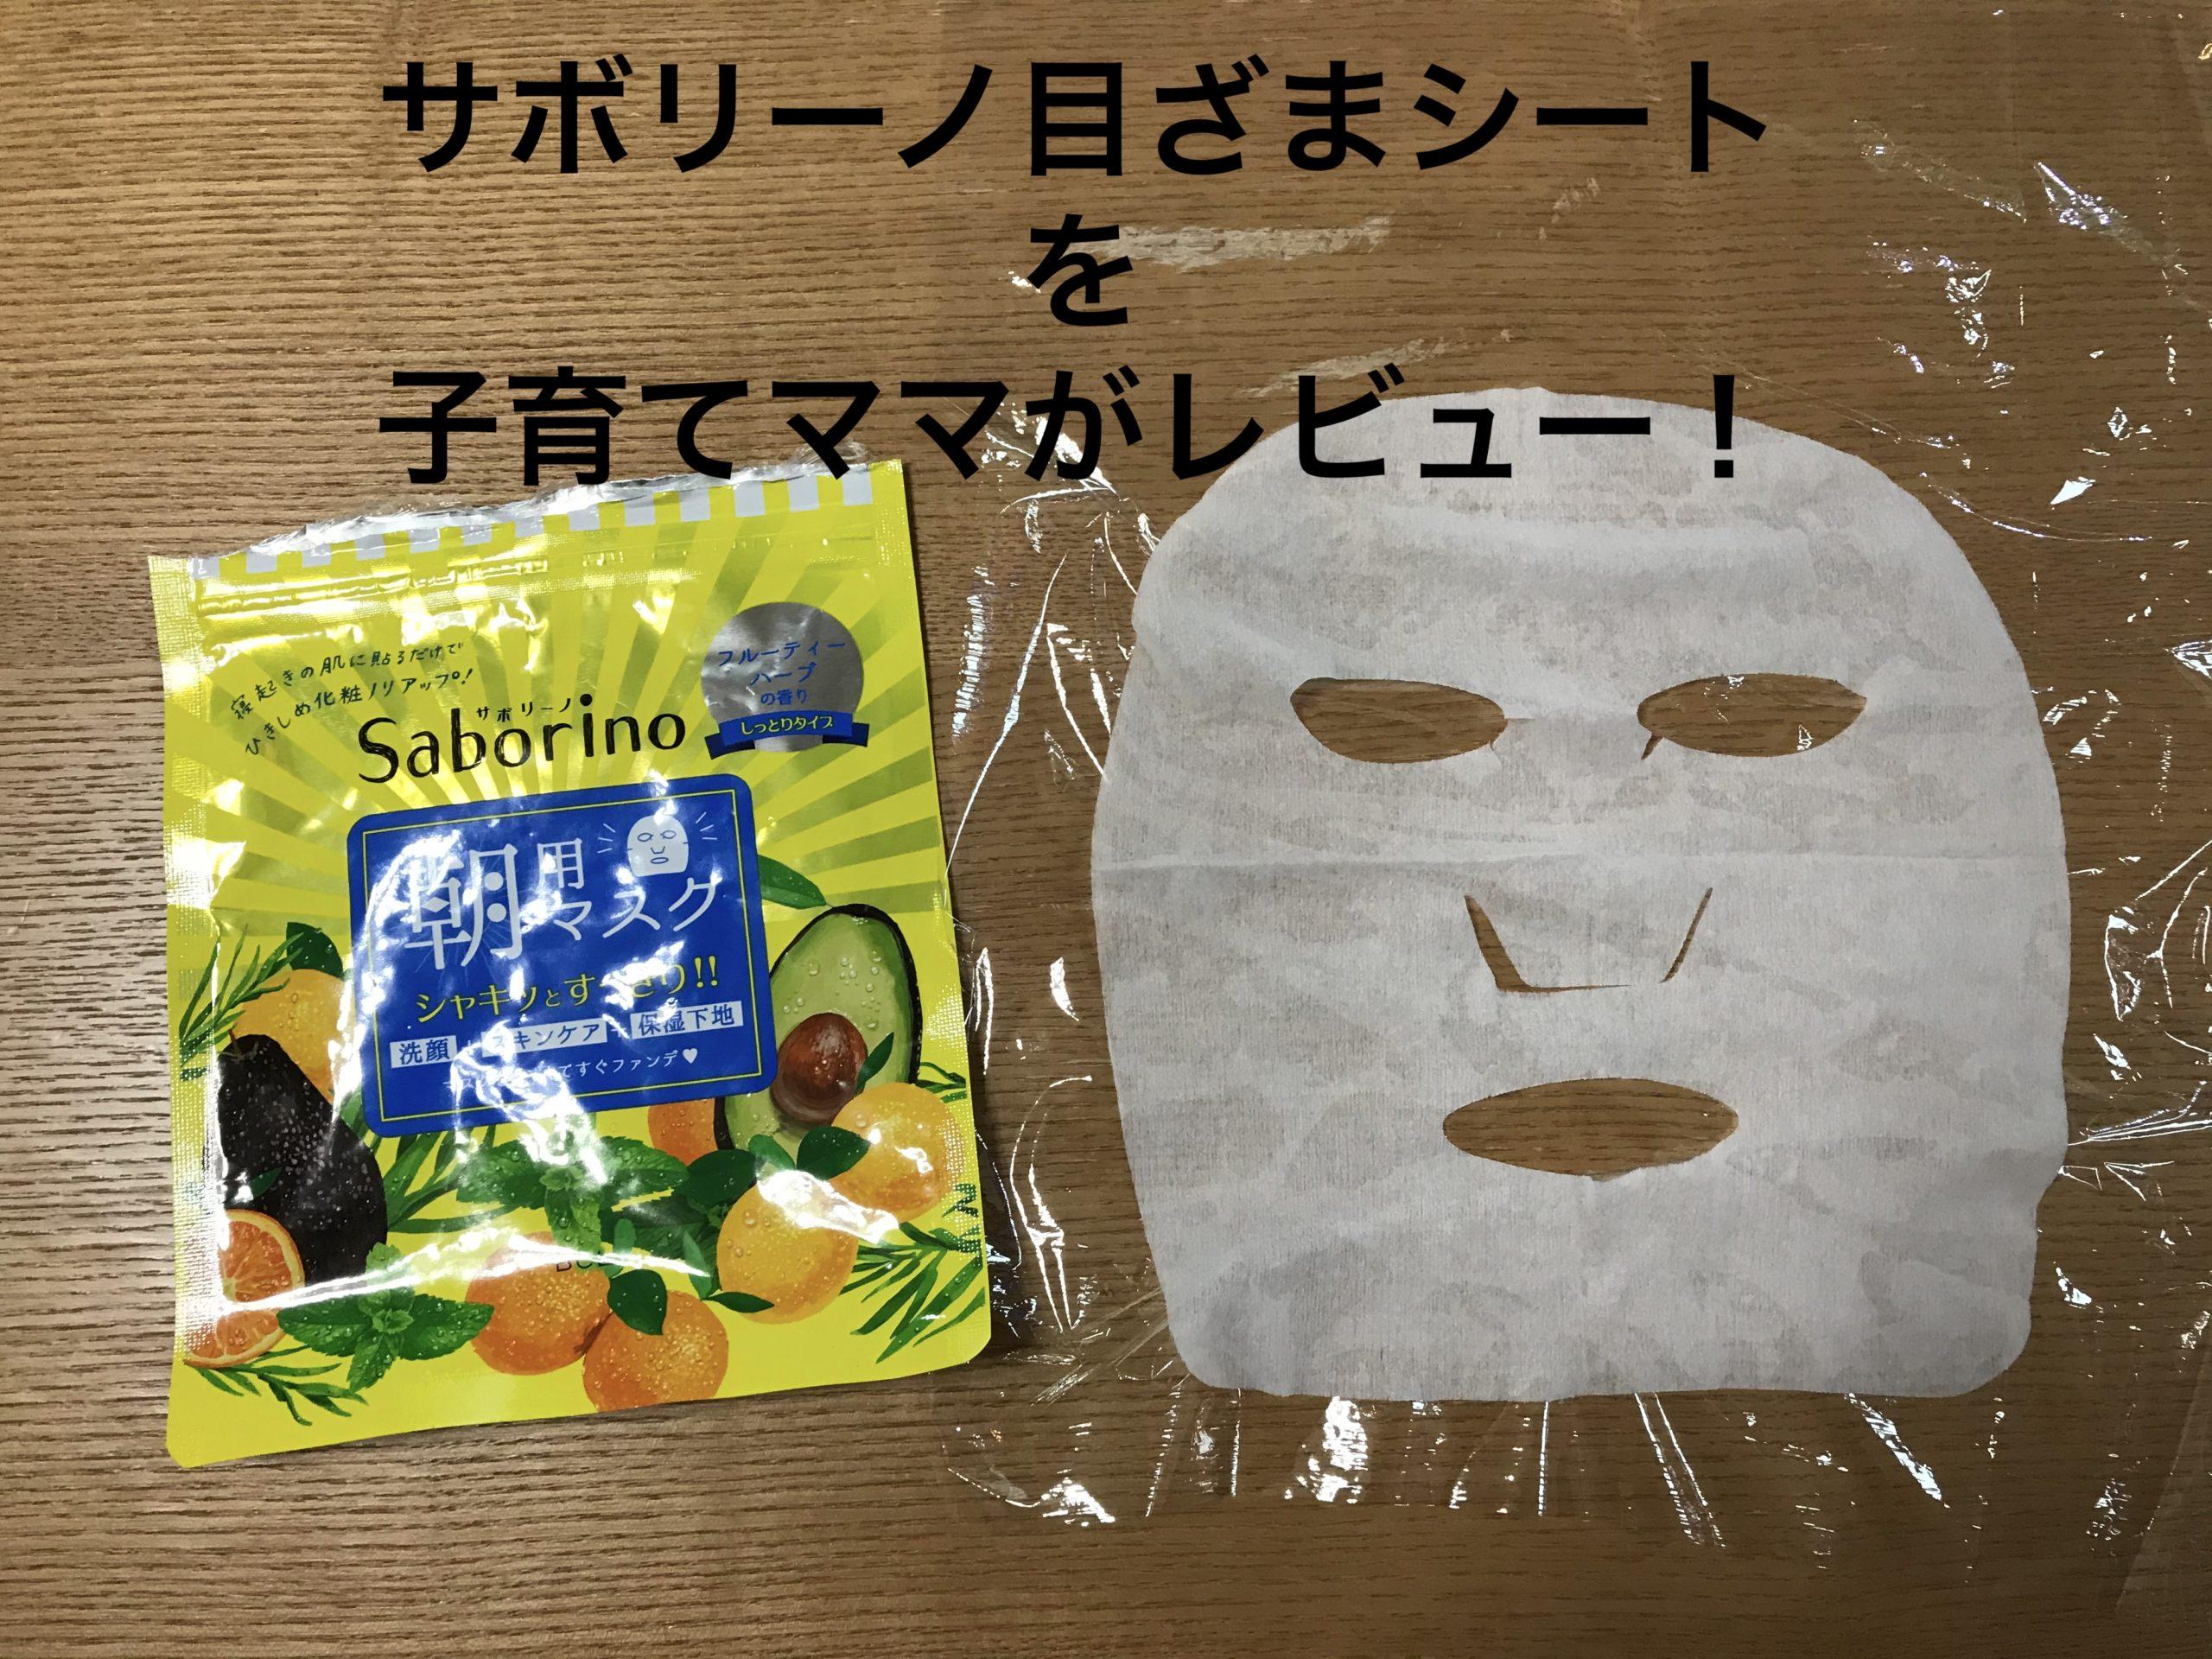 朝用マスク「サボリーノ目ざまシート」で時短スキンケア!ママがレビュー